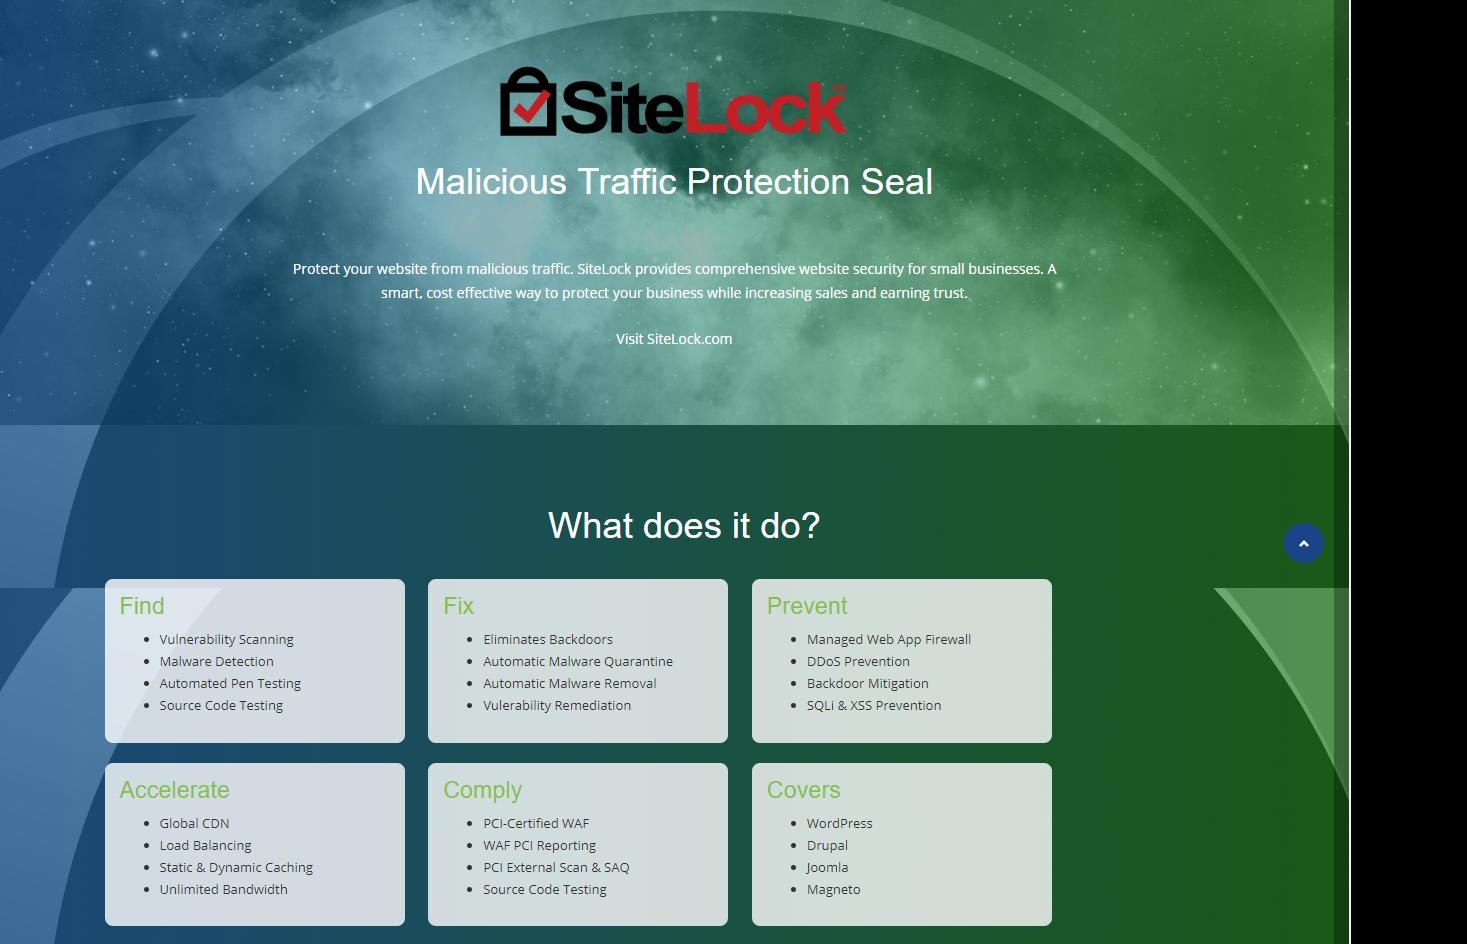 webhostingpad- sitelock